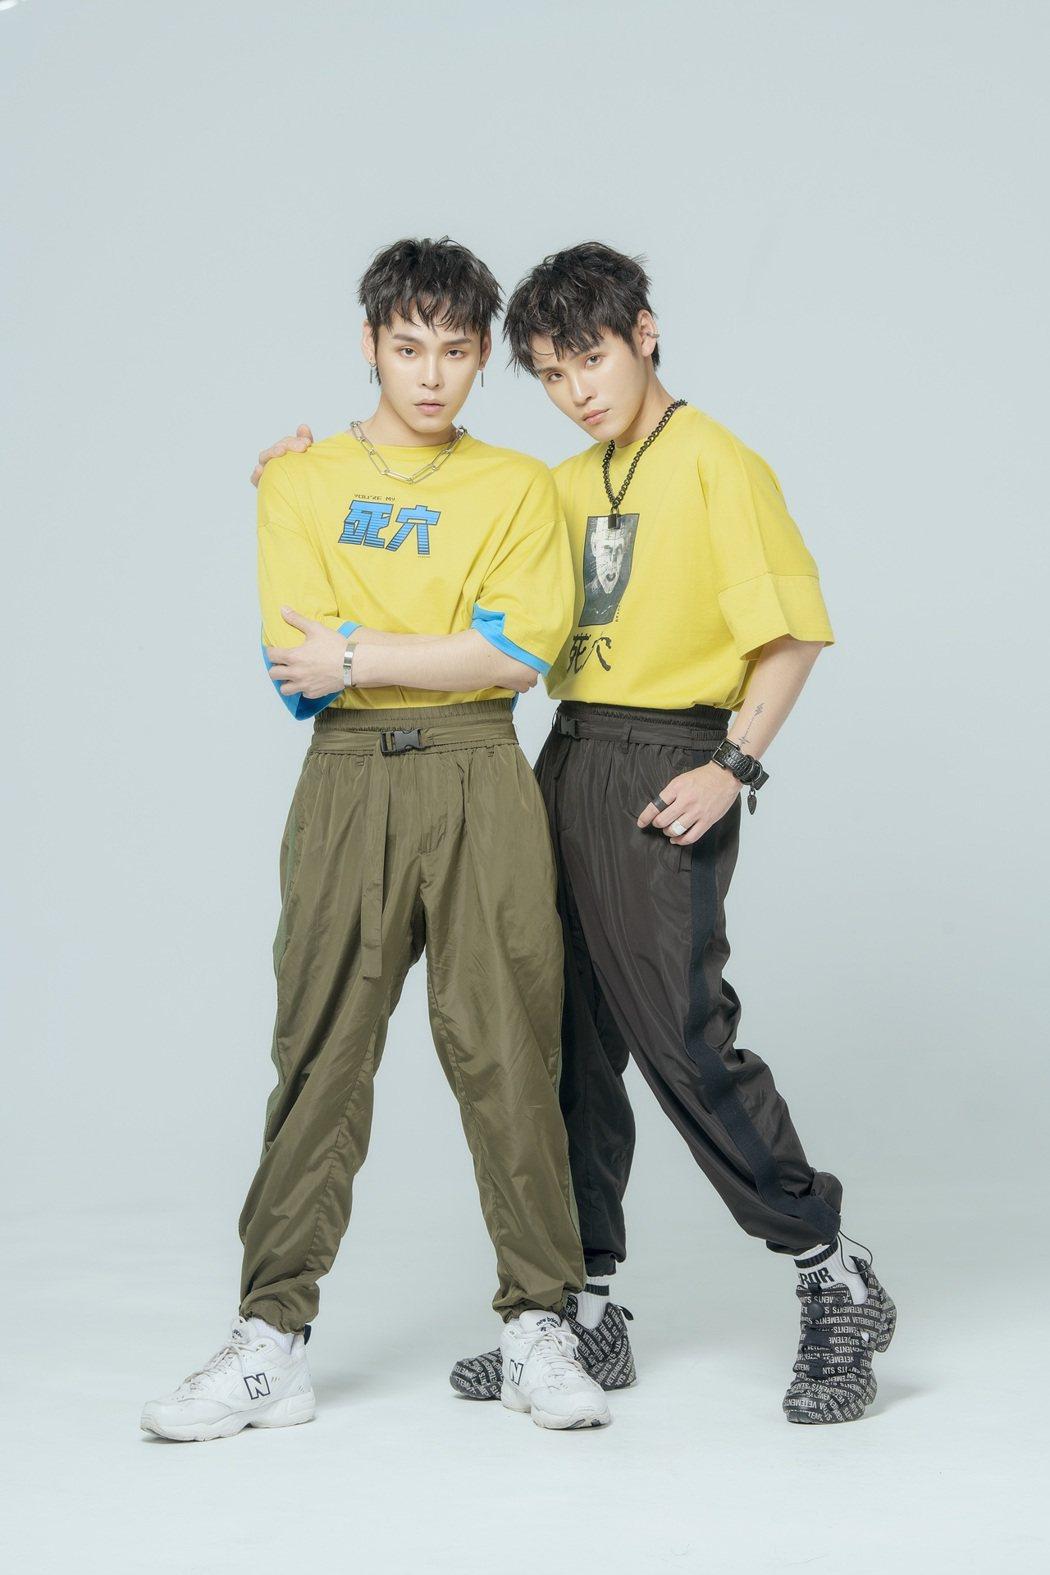 「這群人TGOP」的展榮展瑞組K.R Bros推出全新抒情搖滾單曲「安靜了太久」